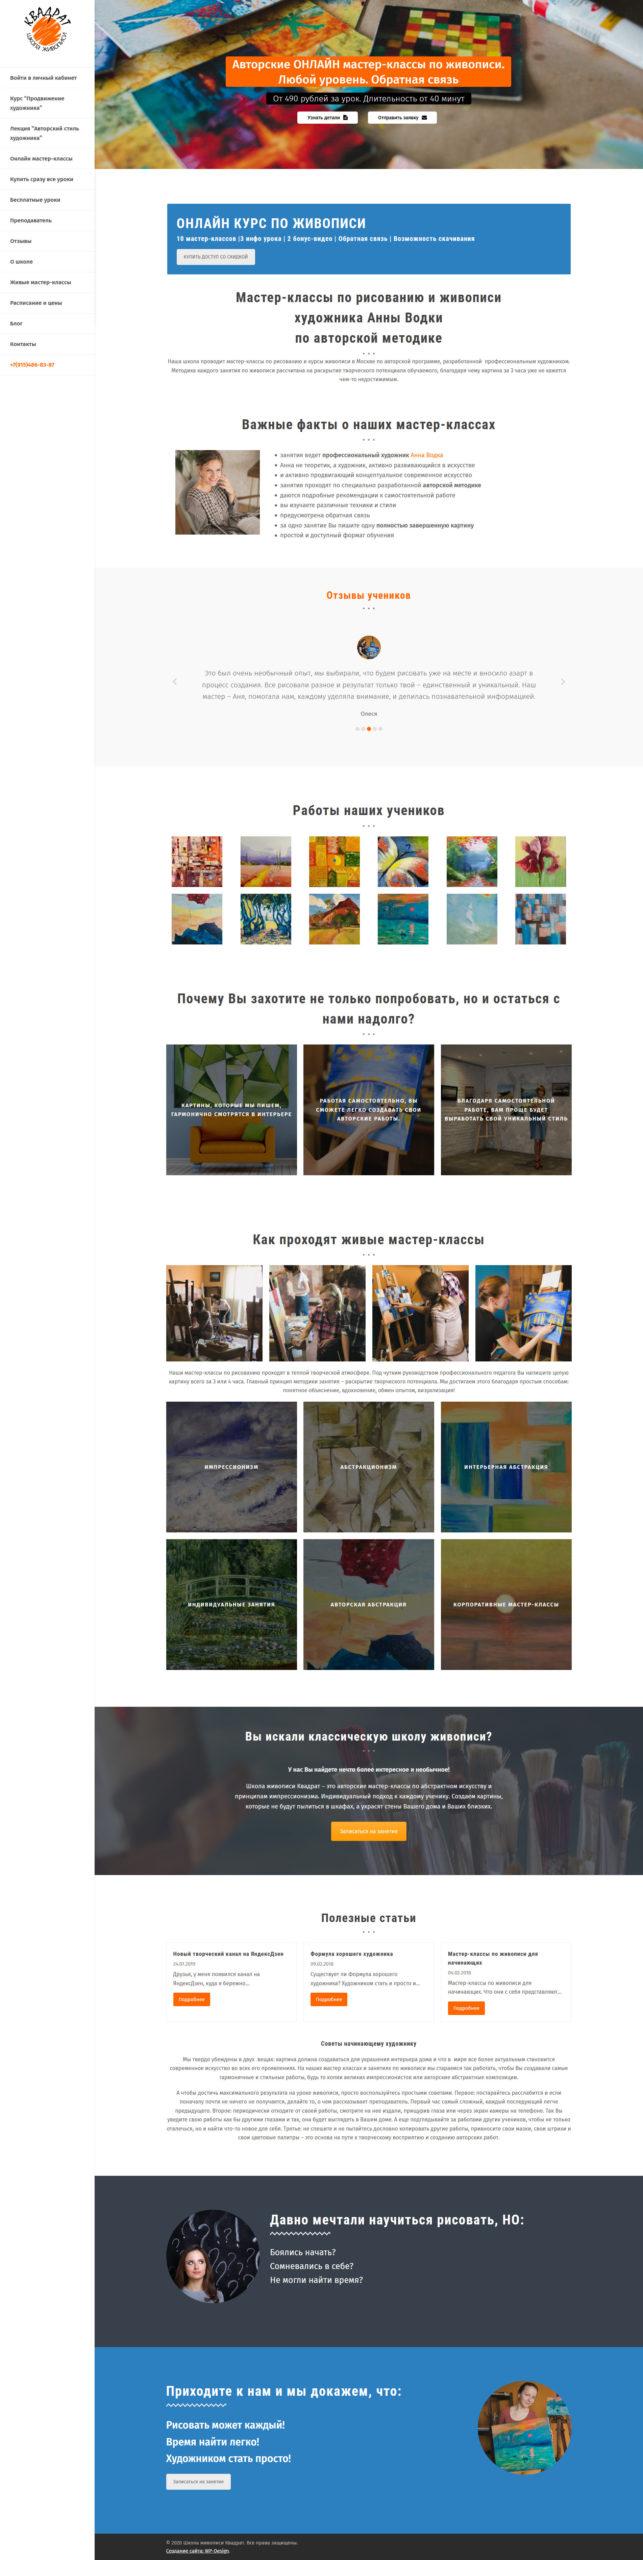 Создание сайта по продаже курсов онлайн (курсы по живописи)